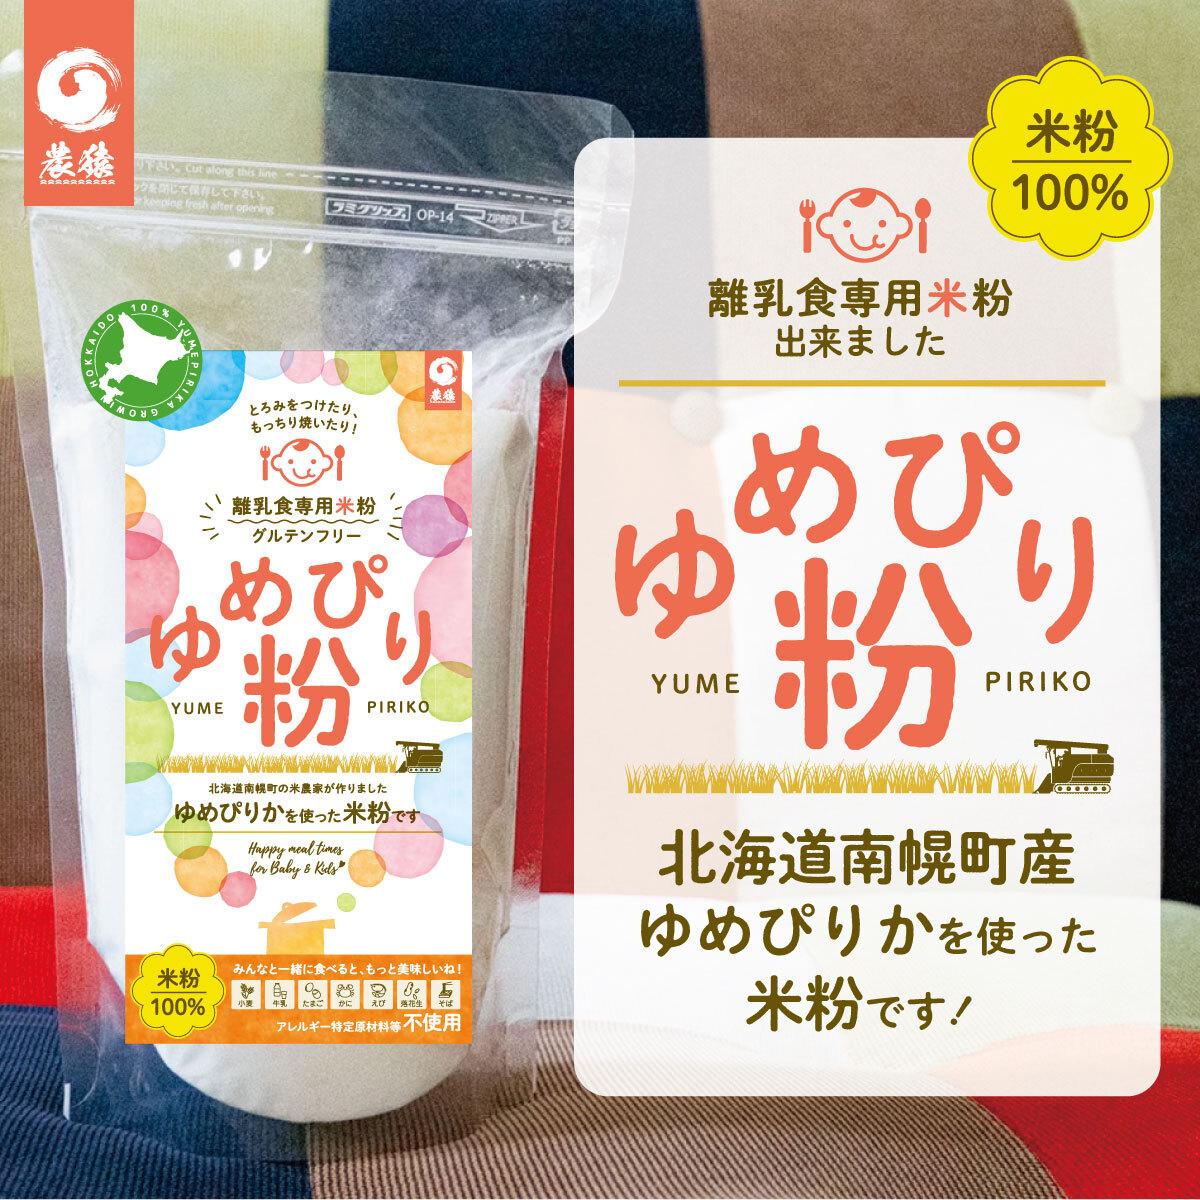 【3個セット】赤ちゃんとママさんパパさん安心の離乳食専用米粉「ゆめぴり粉」(400g x3個)